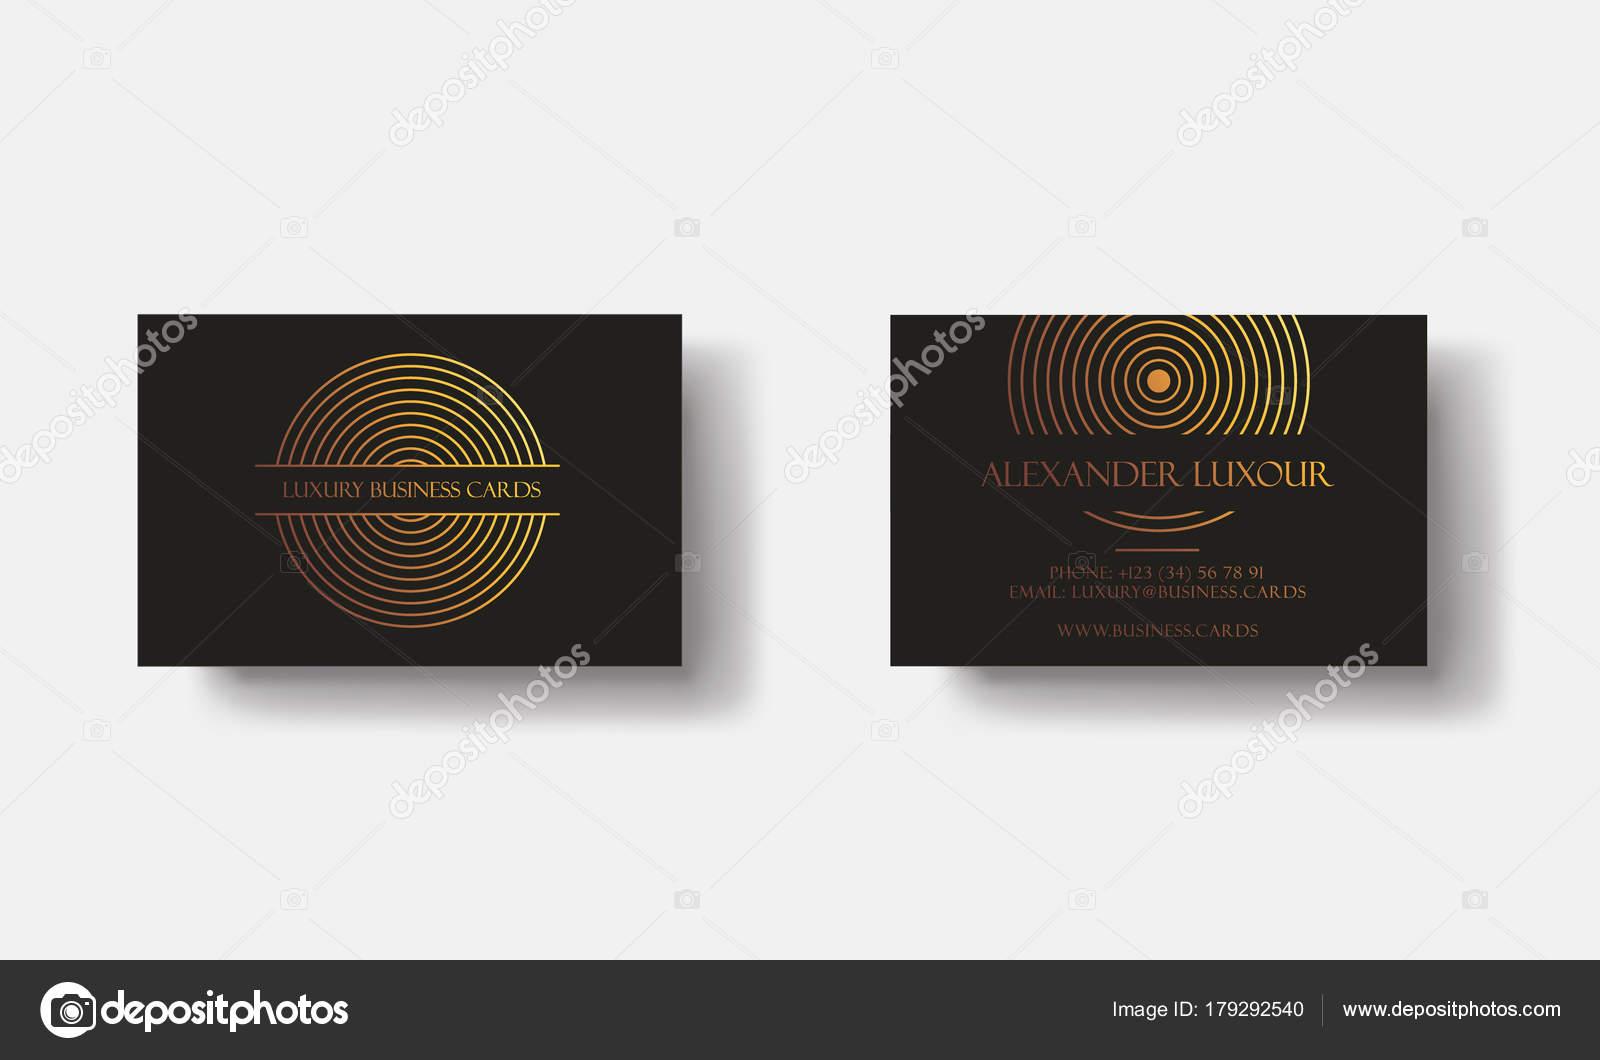 Cartes De Visite Or Noir Luxe Pour Evenement Vip Elegante Carte Voeux Avec Motif Geometrique Cercle Dore Banniere Ou Invitation Daluminium Rond Logo